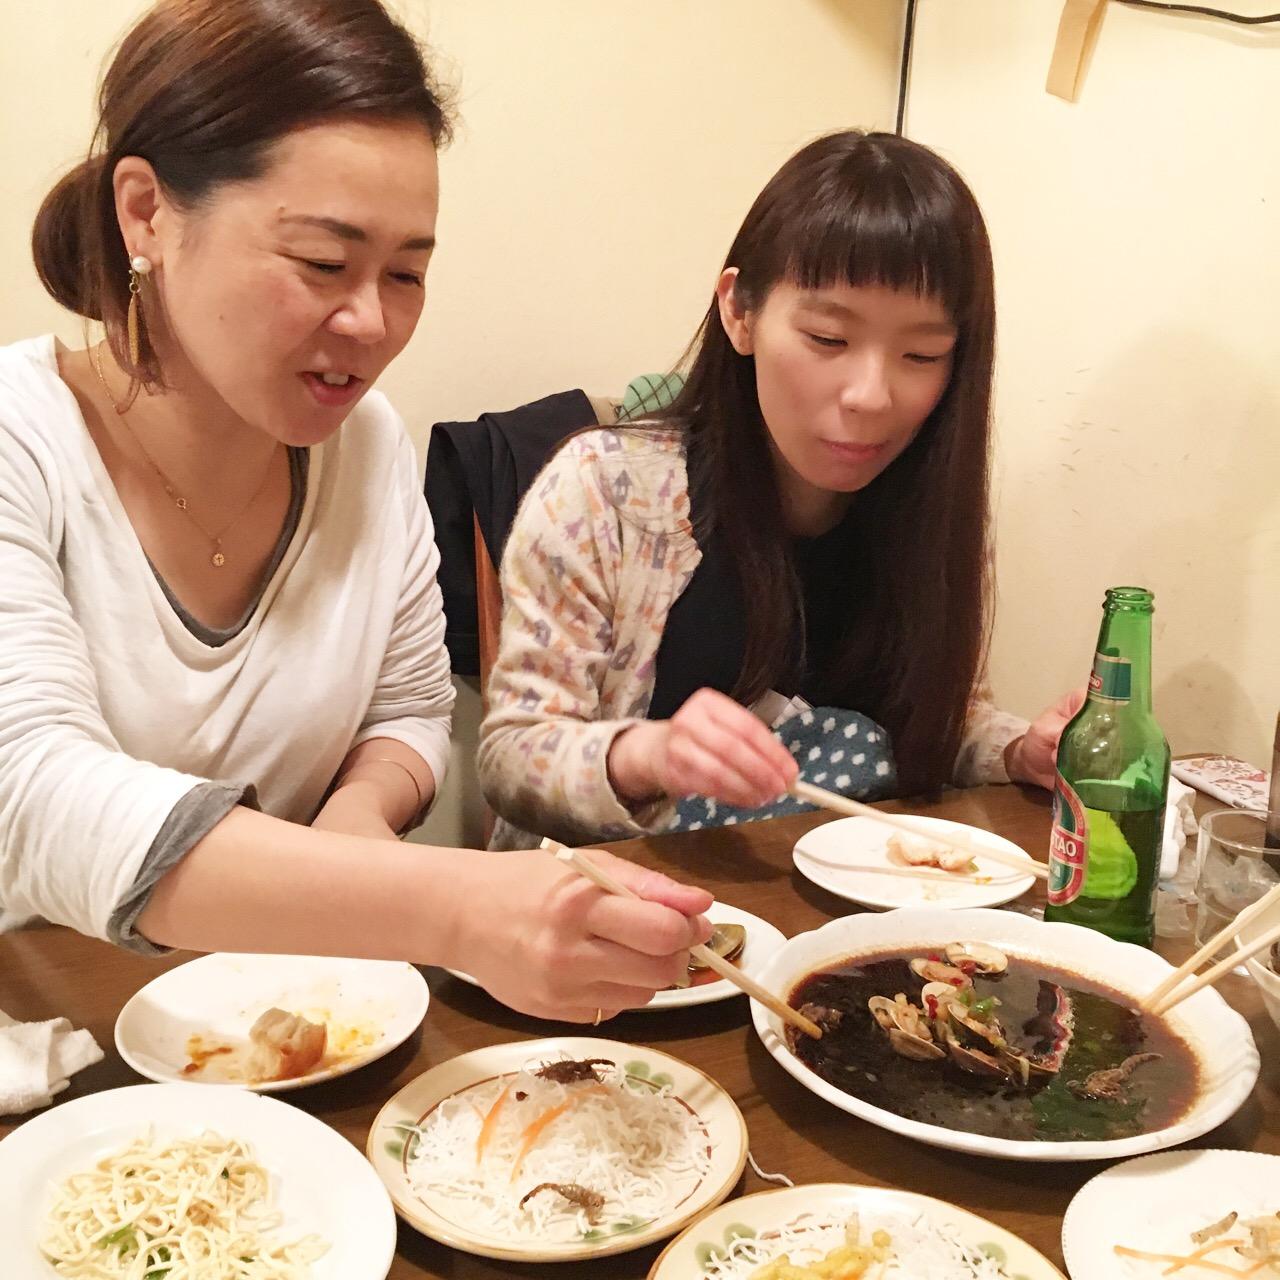 上海小吃でゲテものパーティな夜_e0230090_23173974.jpg